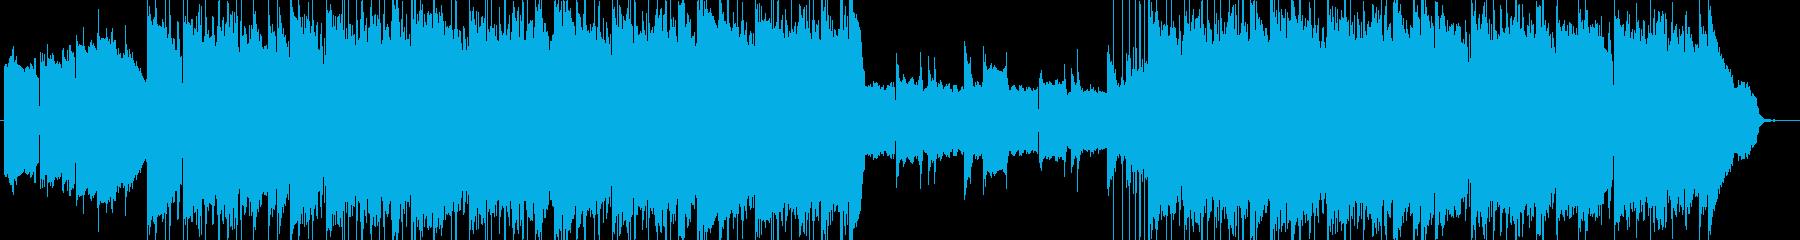 lofi風さわやかなピアノBGMの再生済みの波形